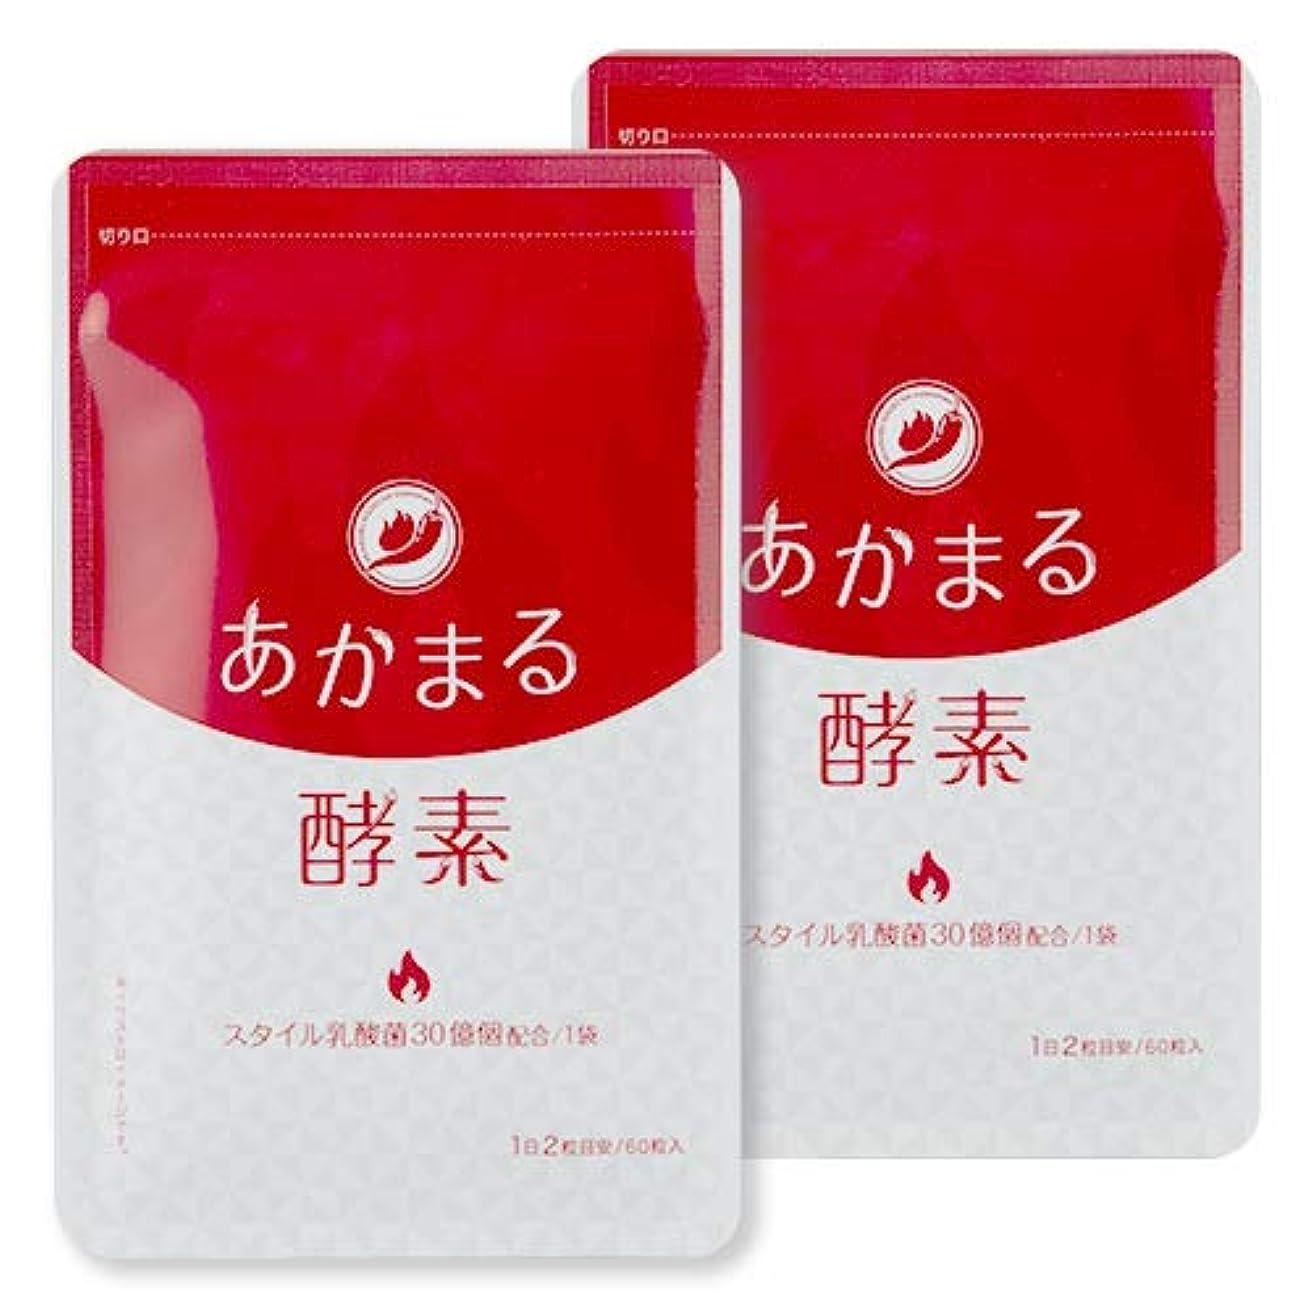 数学的な続編答え【公式】あかまる酵素 ダイエットサプリ 2袋セット